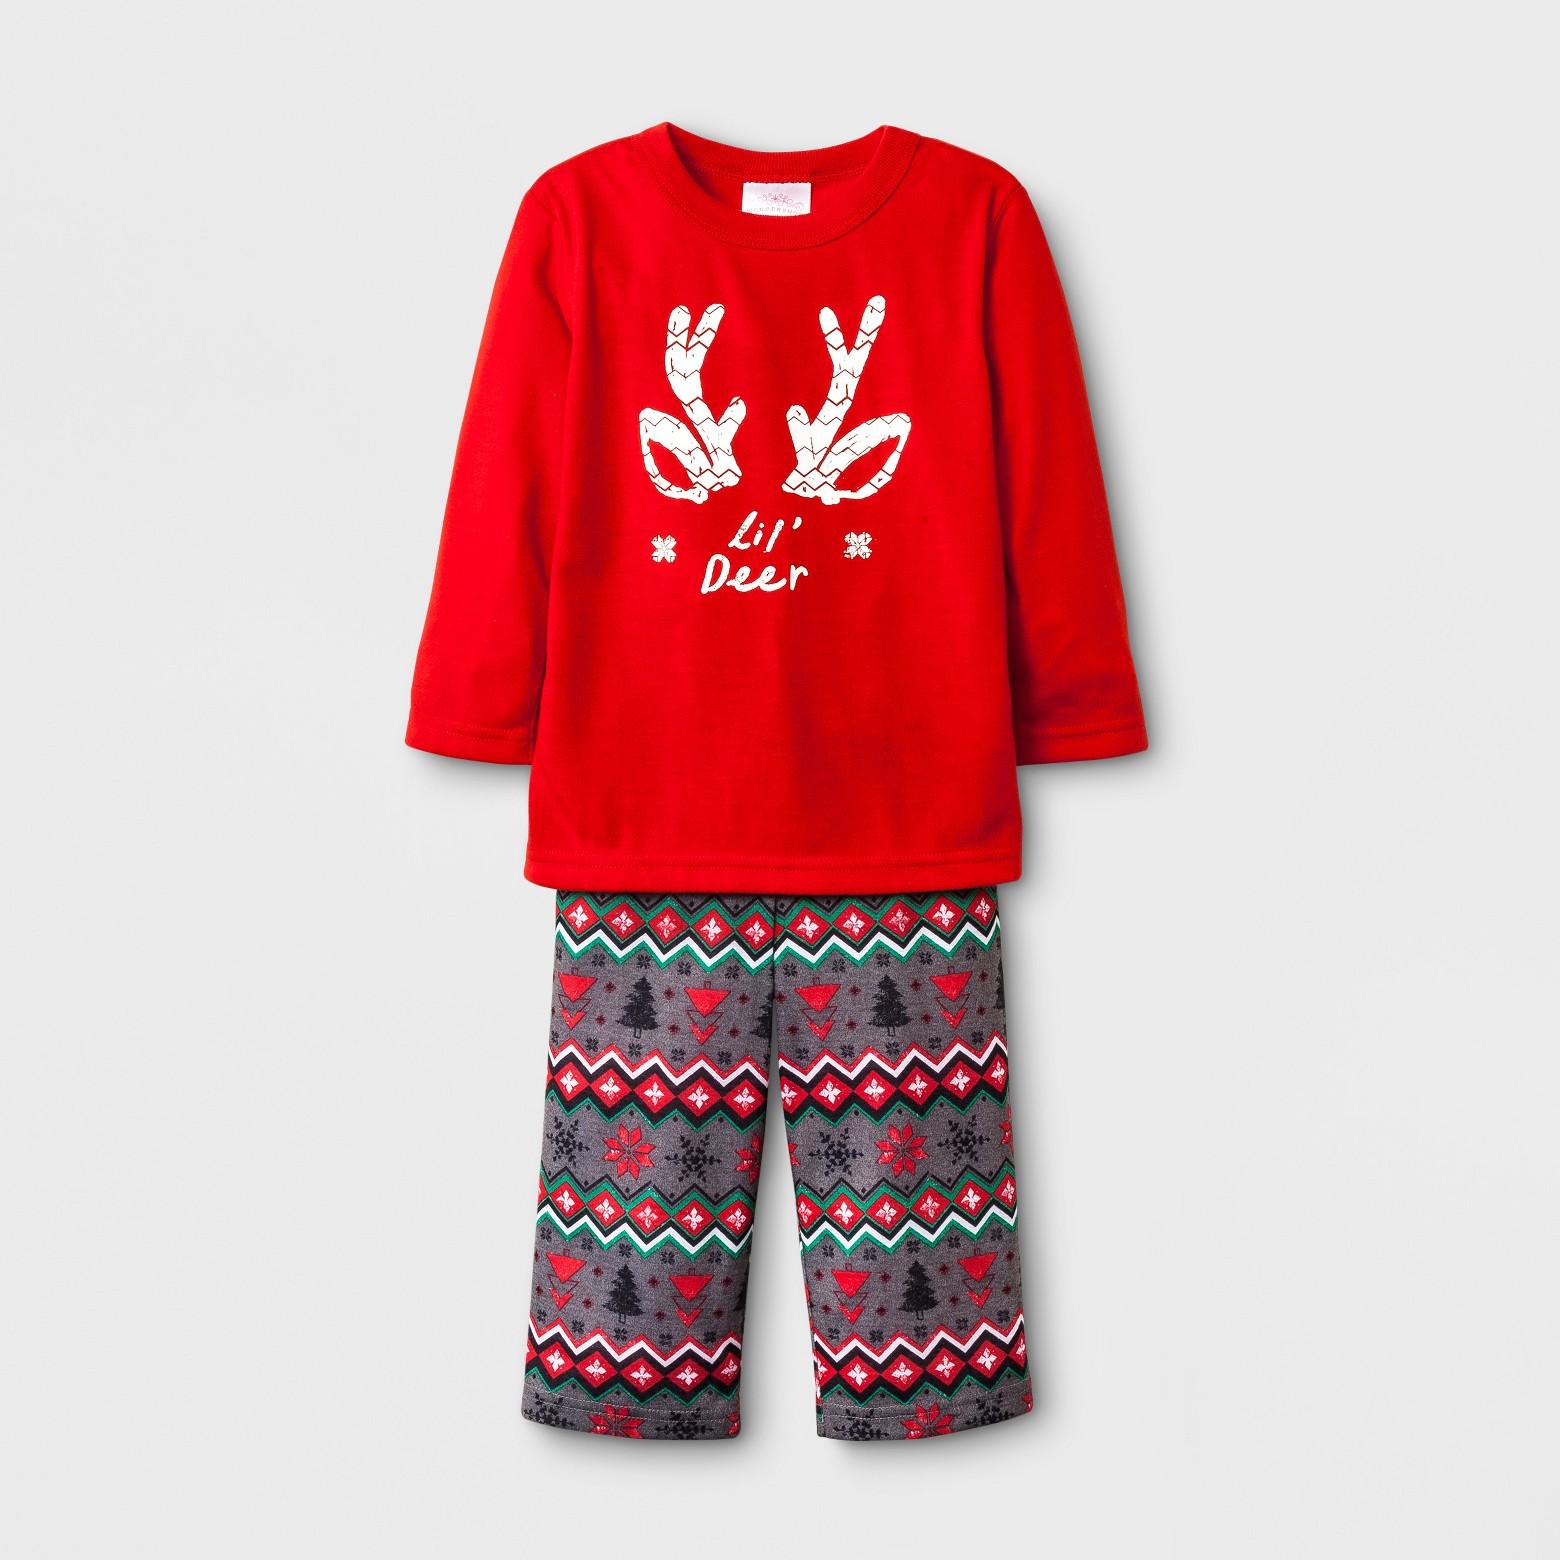 Cozy Christmas PJ\'s!